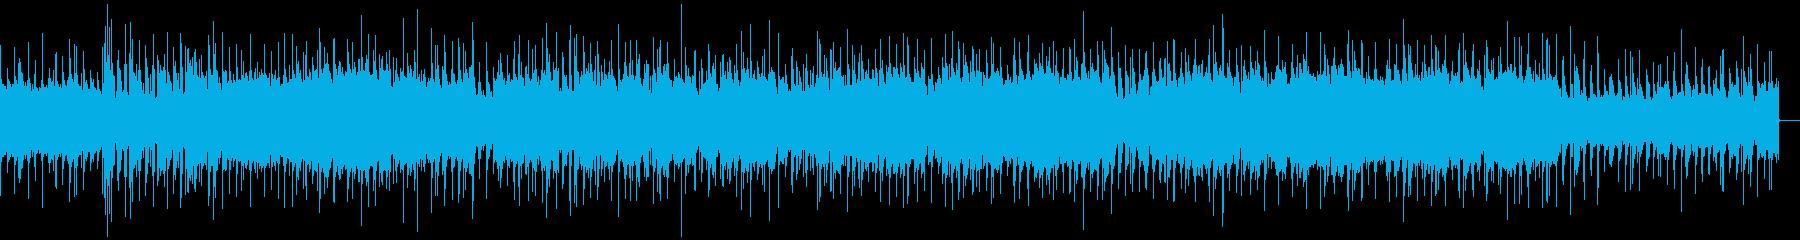 ゆるりと進行していくブルースの再生済みの波形